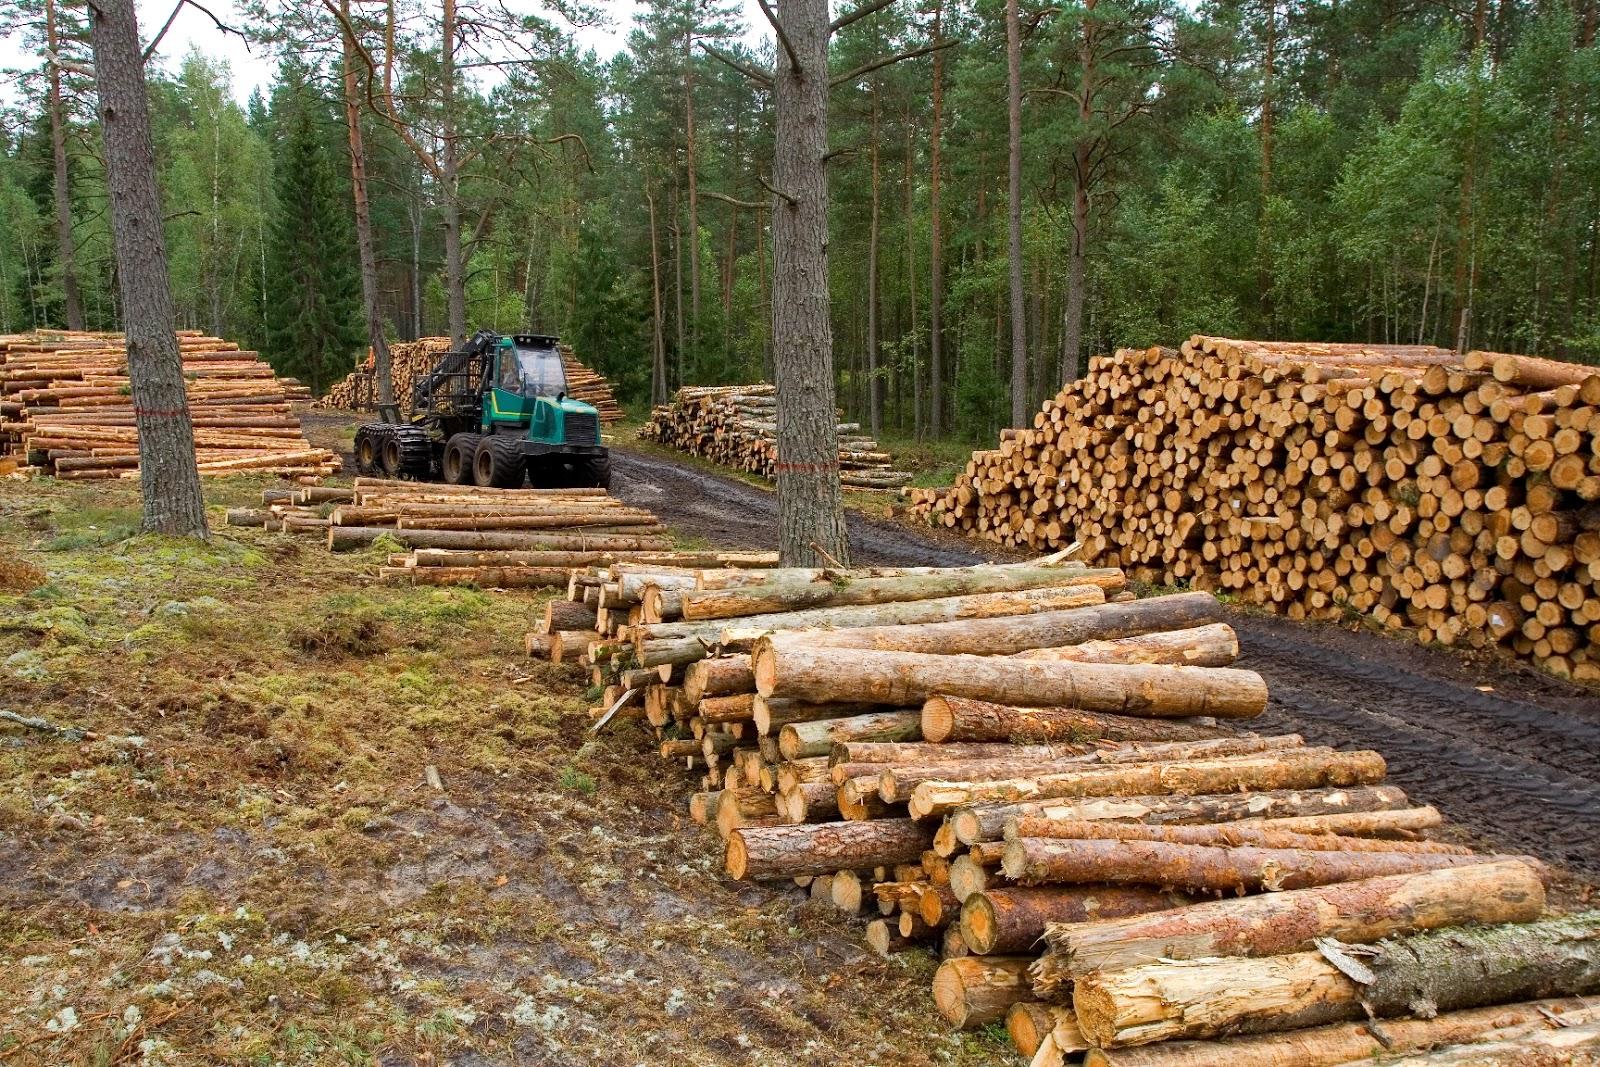 Porqu es da ina la deforestaci n como evitar la tala de for Tala de arboles madrid